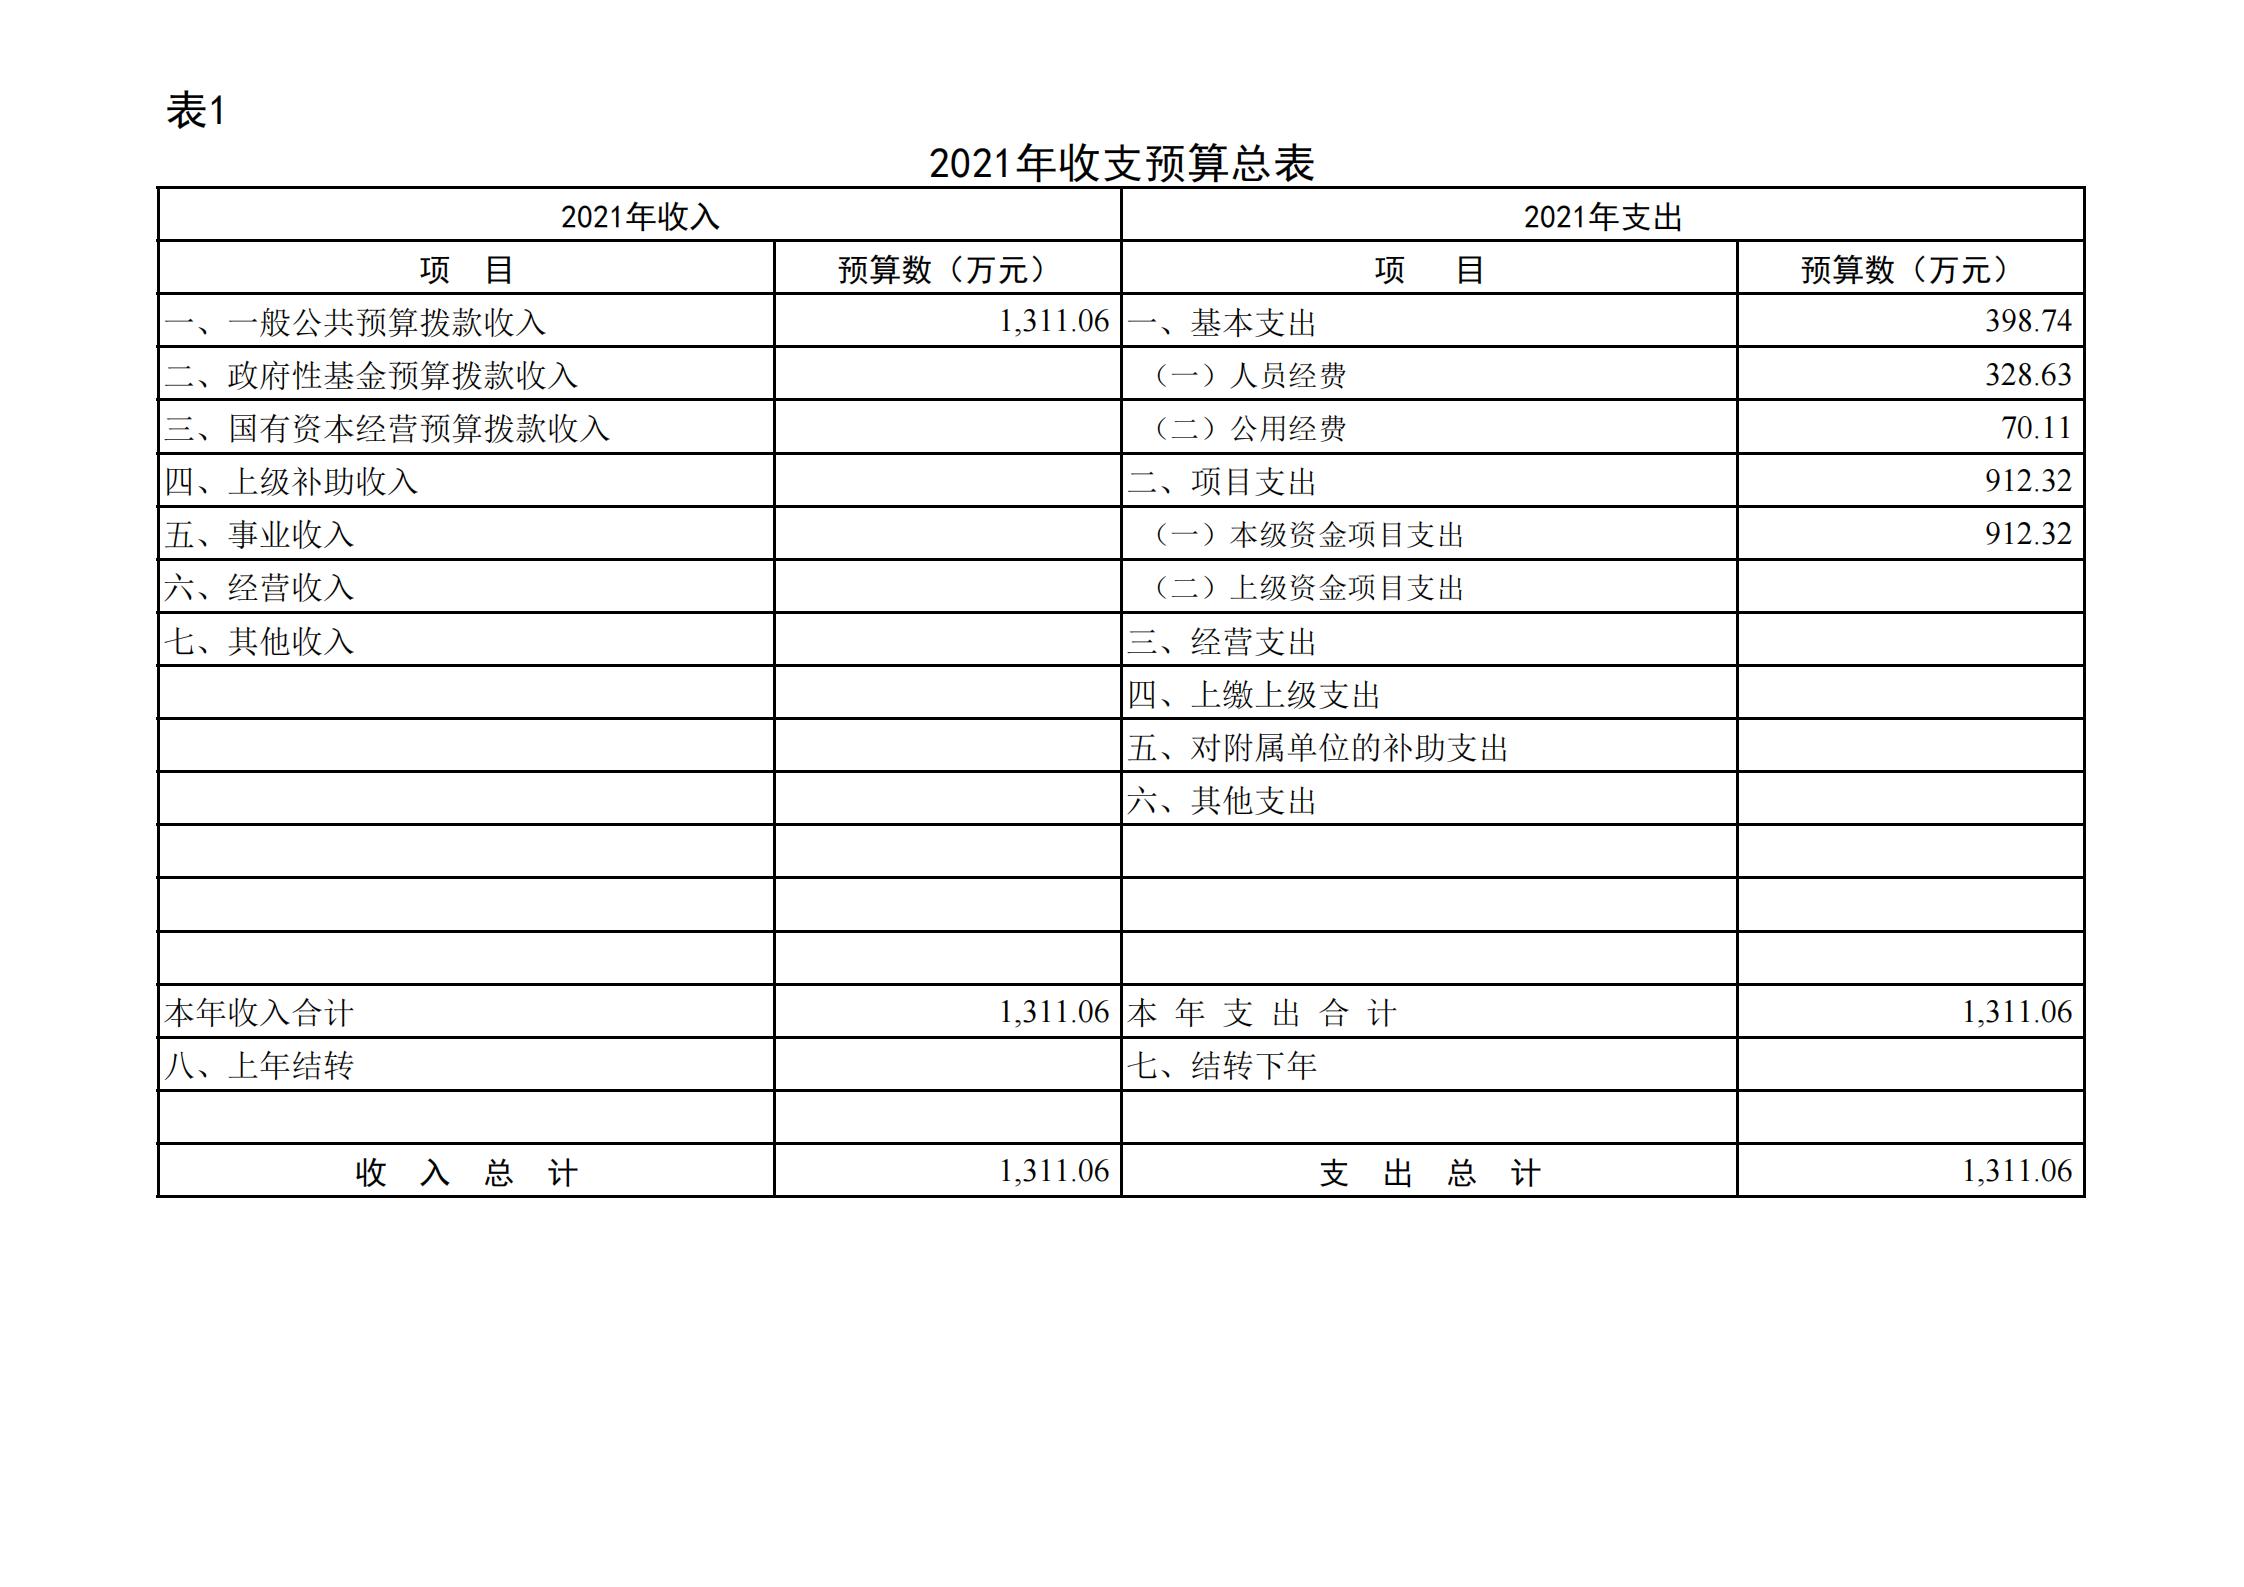 """共青团贵阳市委(本级)2021年度市级部门预算、""""三公""""经费预算公开说明(1)_11.png"""